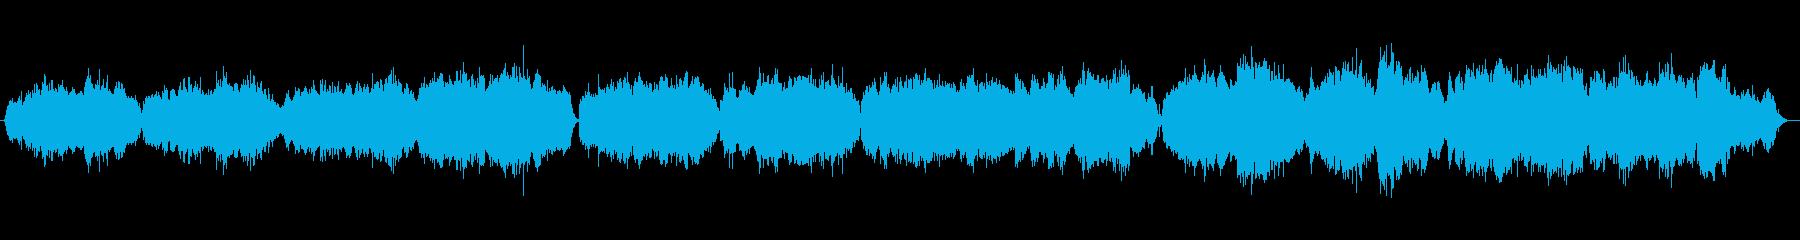 教会-教会オルガン3の再生済みの波形